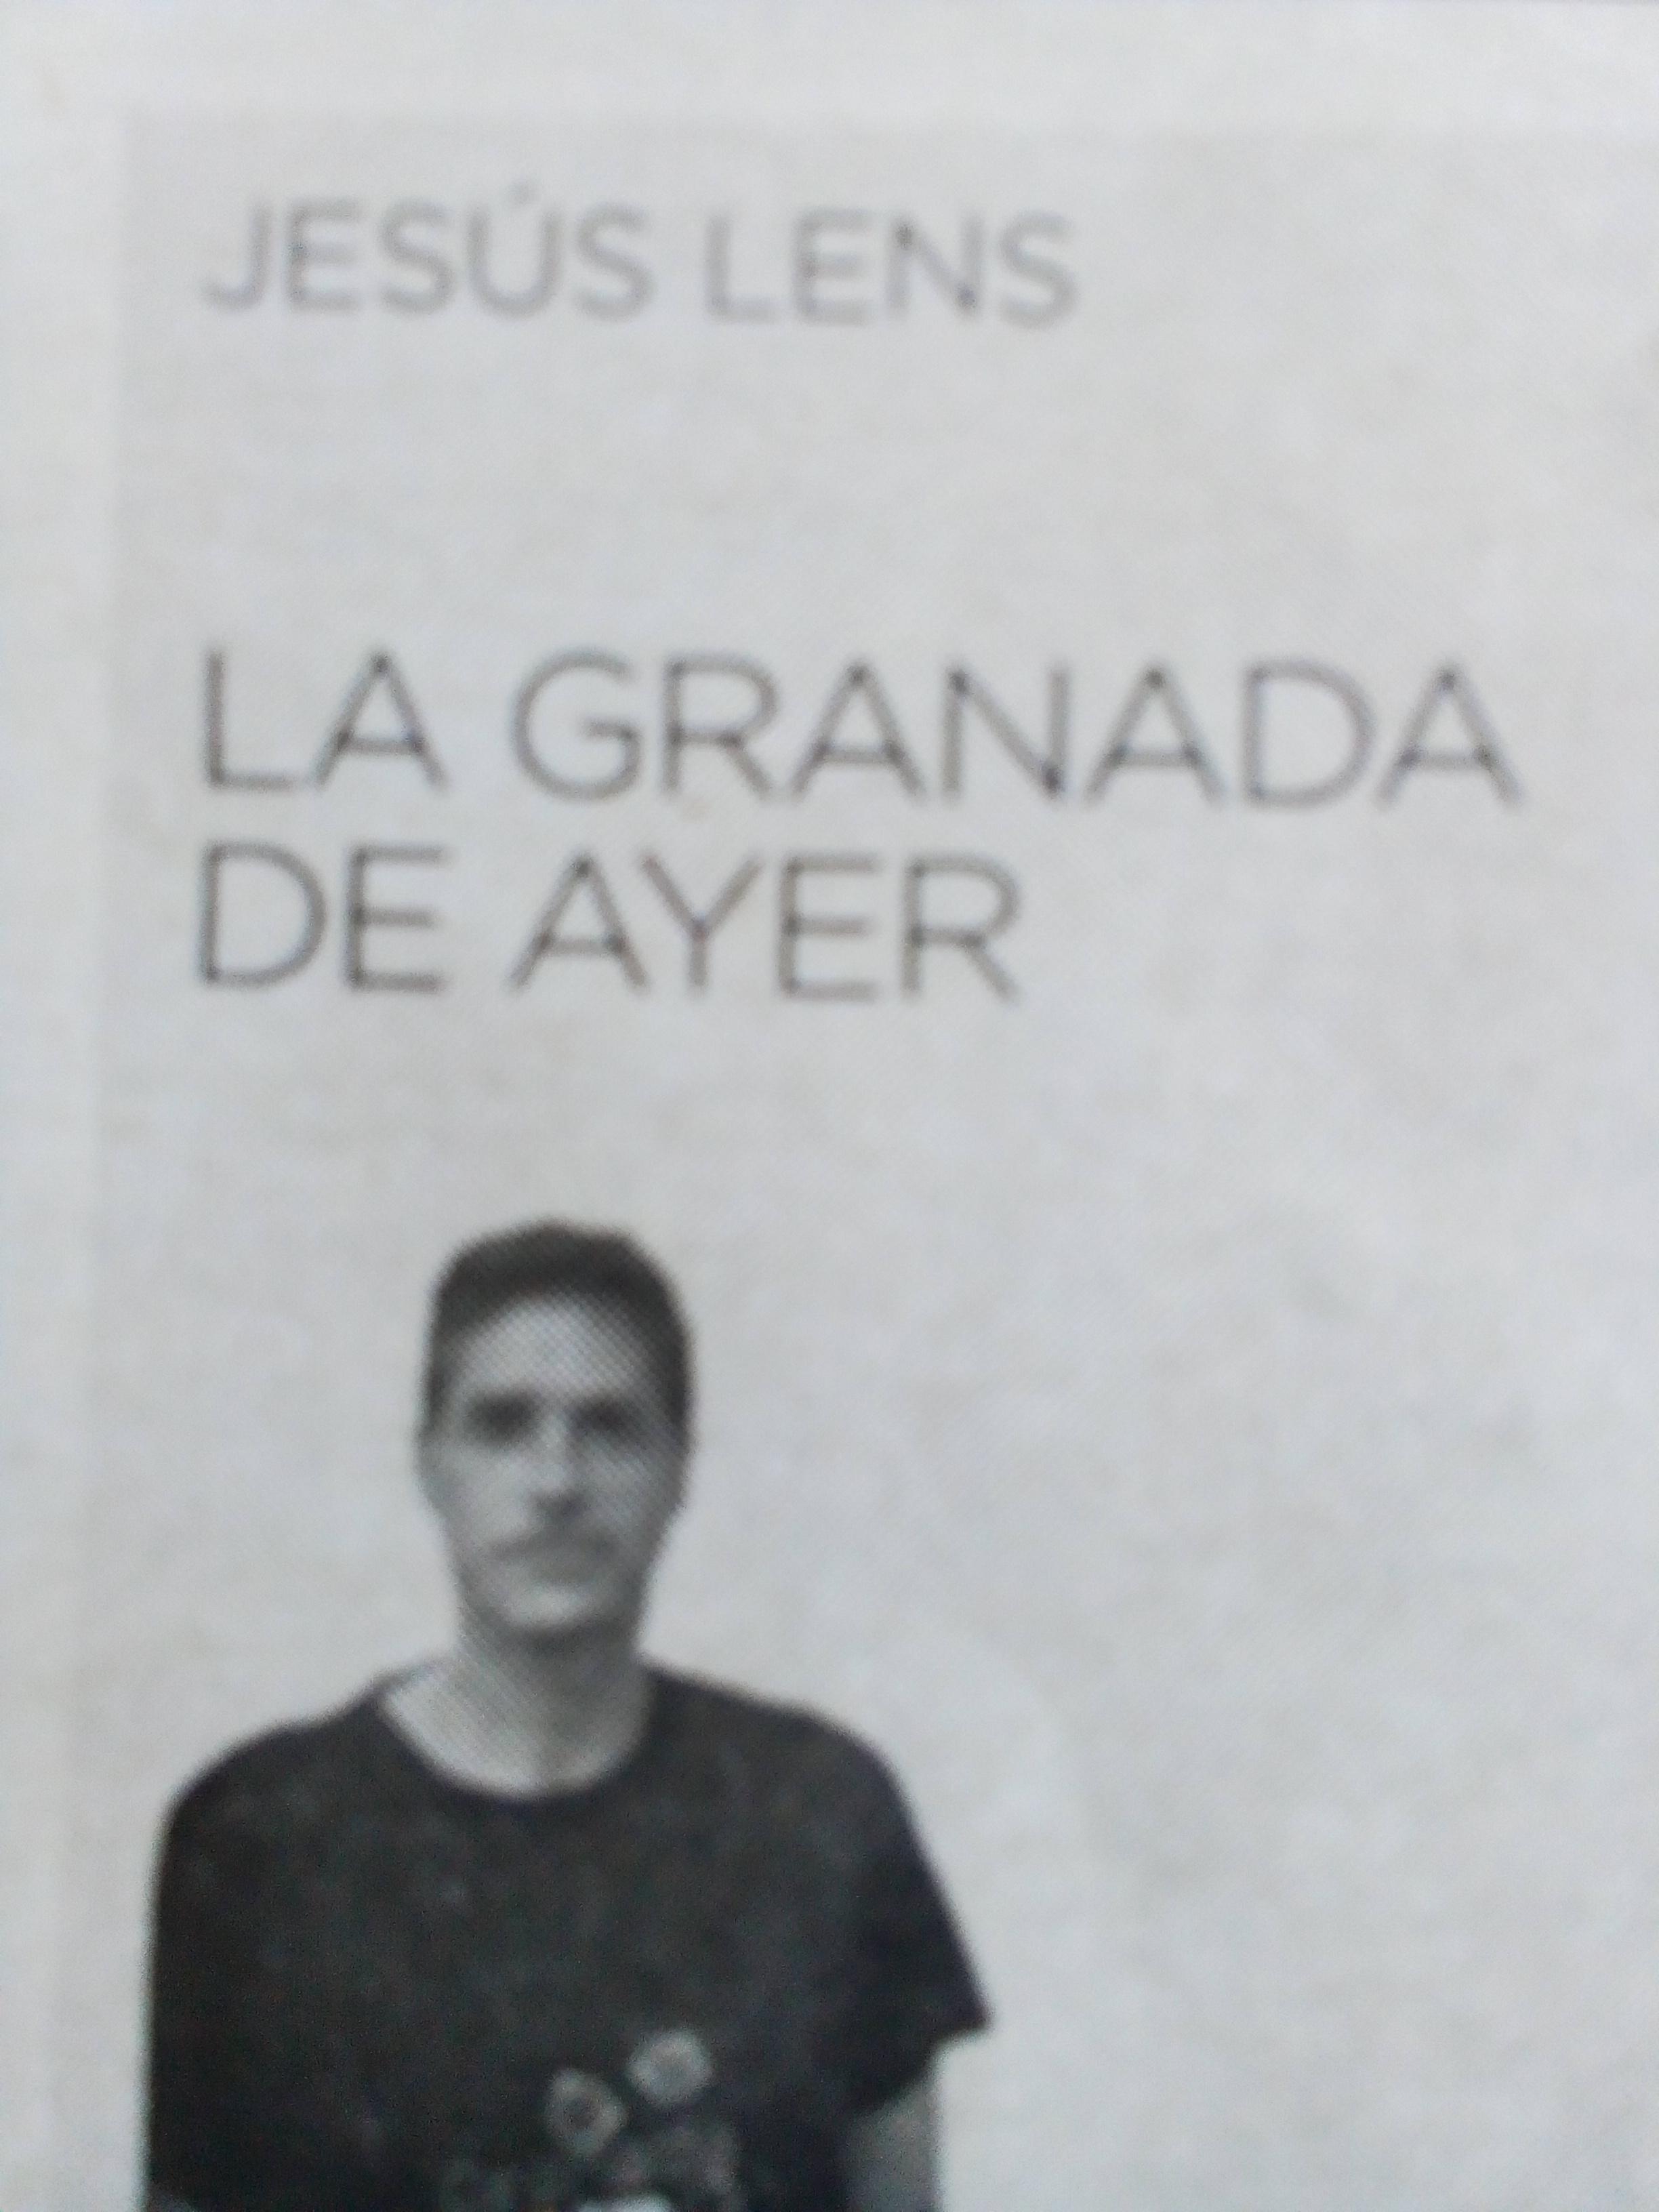 Foto hombre, Jesús Lens periódico en blanco y negro